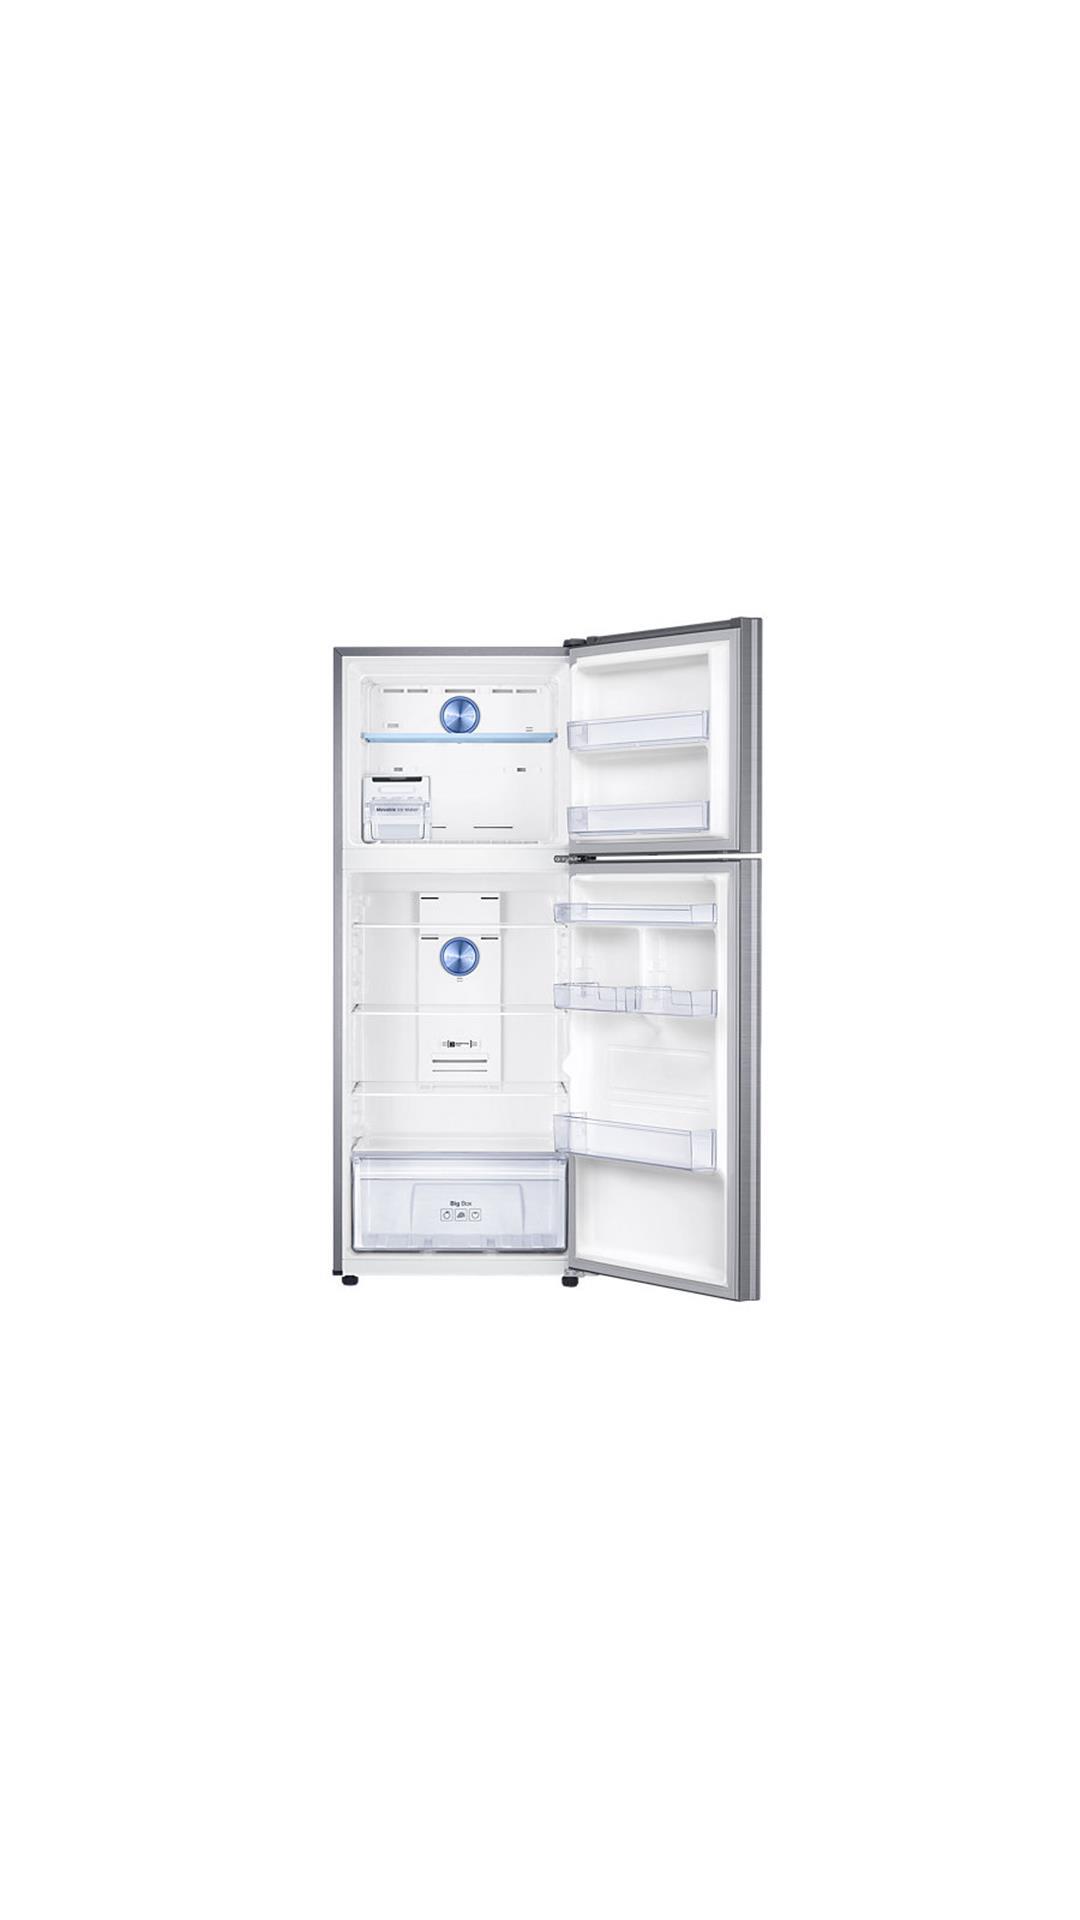 Samsung 394 L Double Door Refrigerator (Elegant Inox) - RT39K5518S8